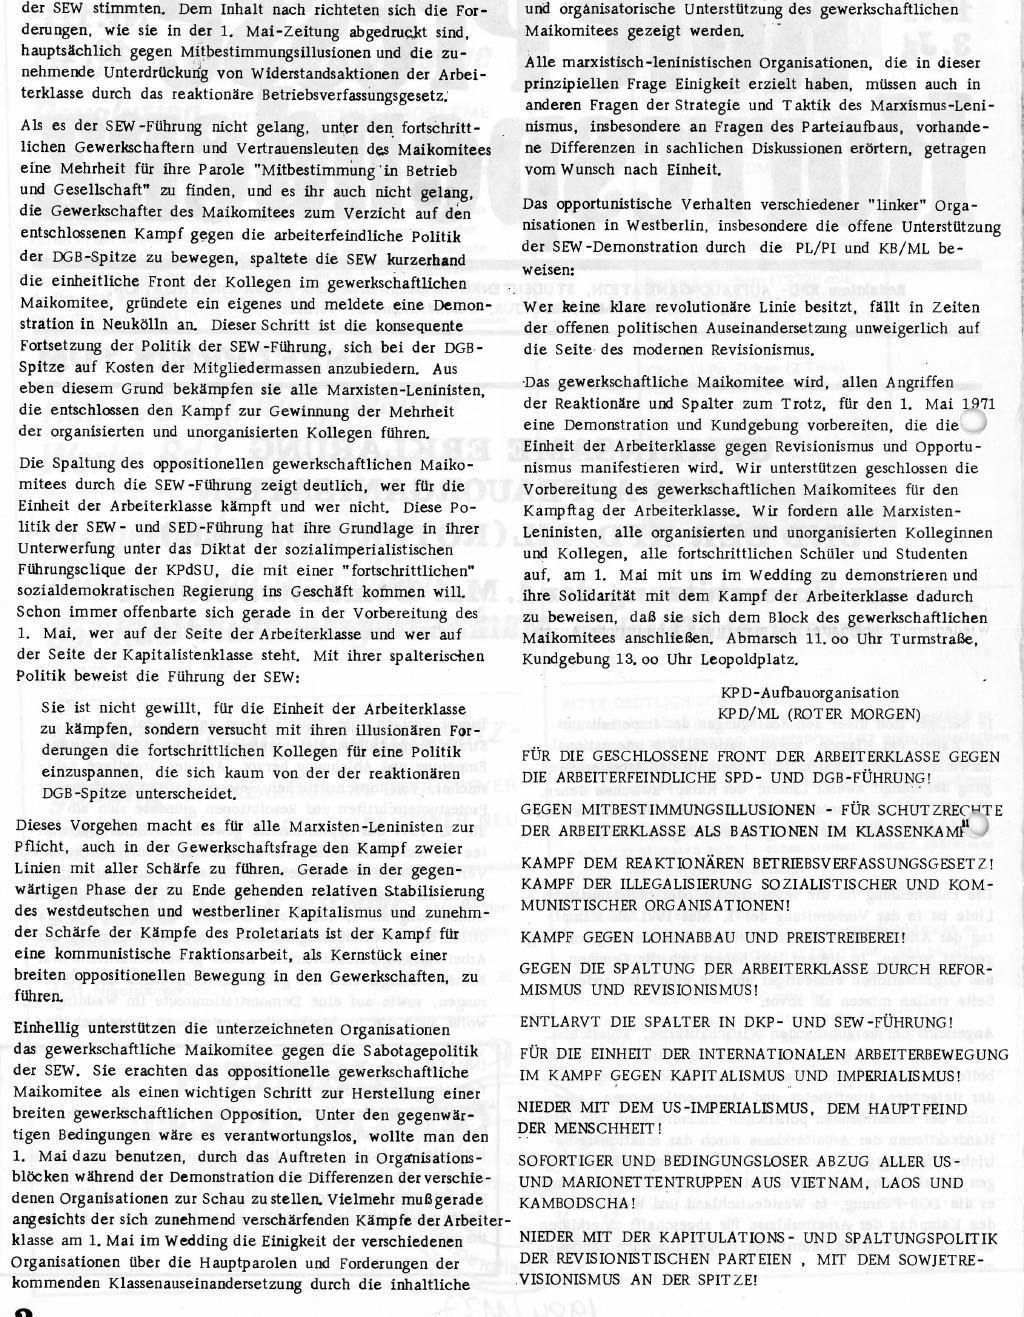 RPK_1971_111_02